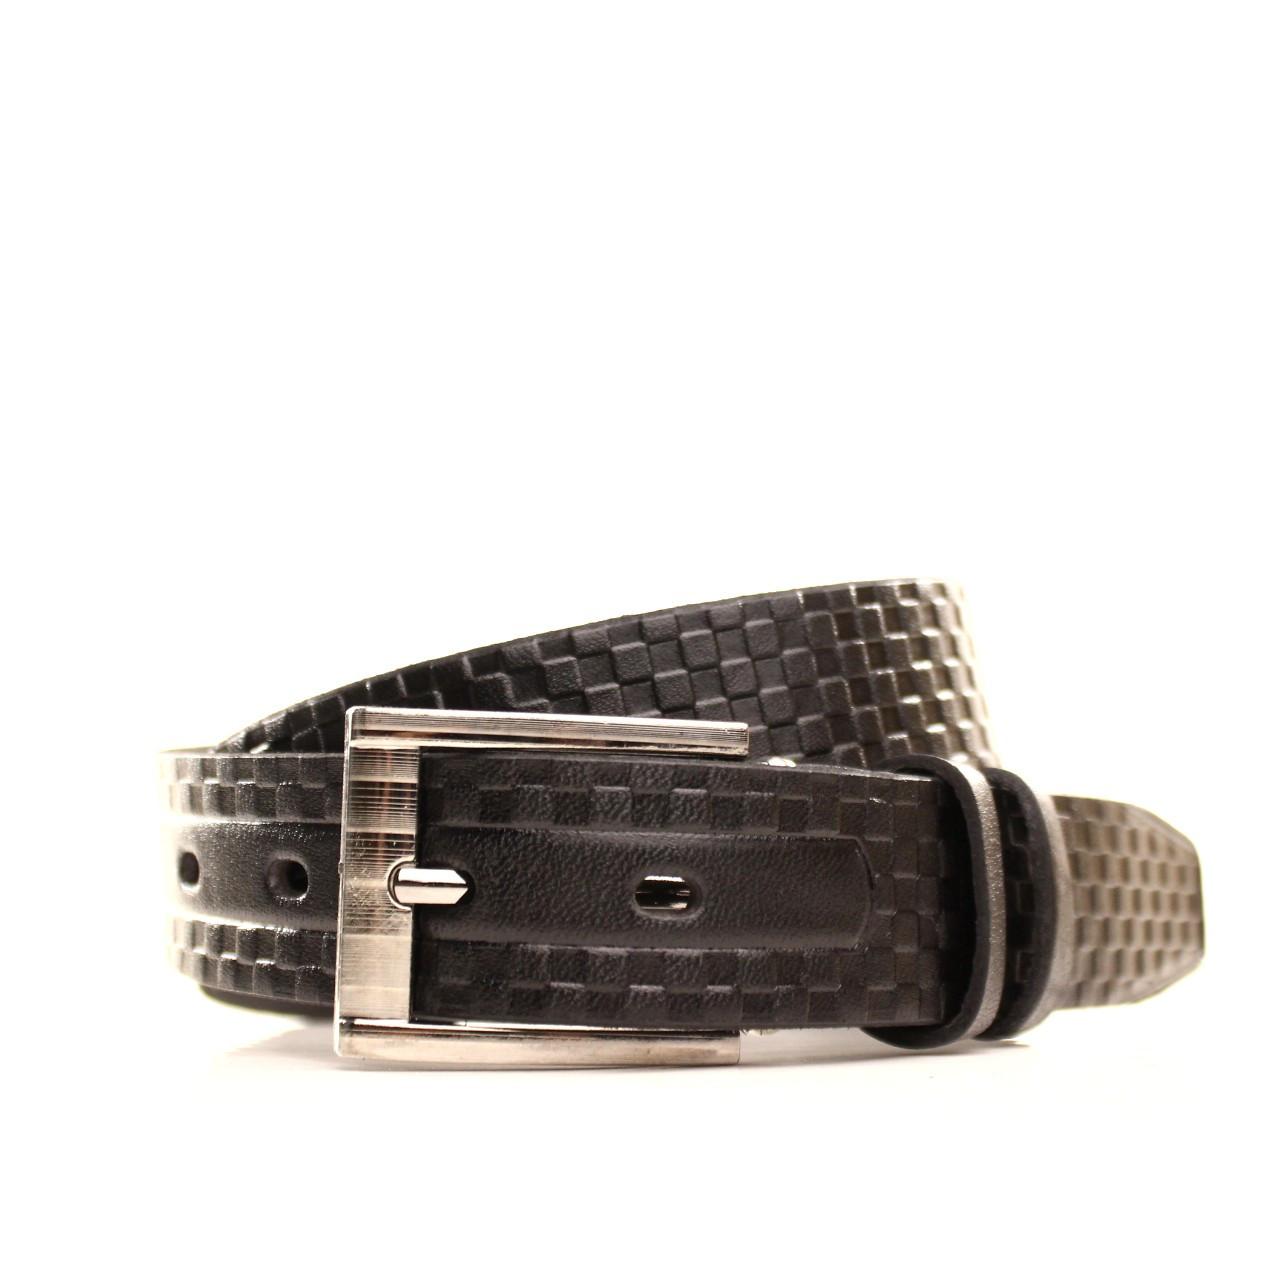 Ремень кожаный Lazar 60-70 см черный l30u3w9